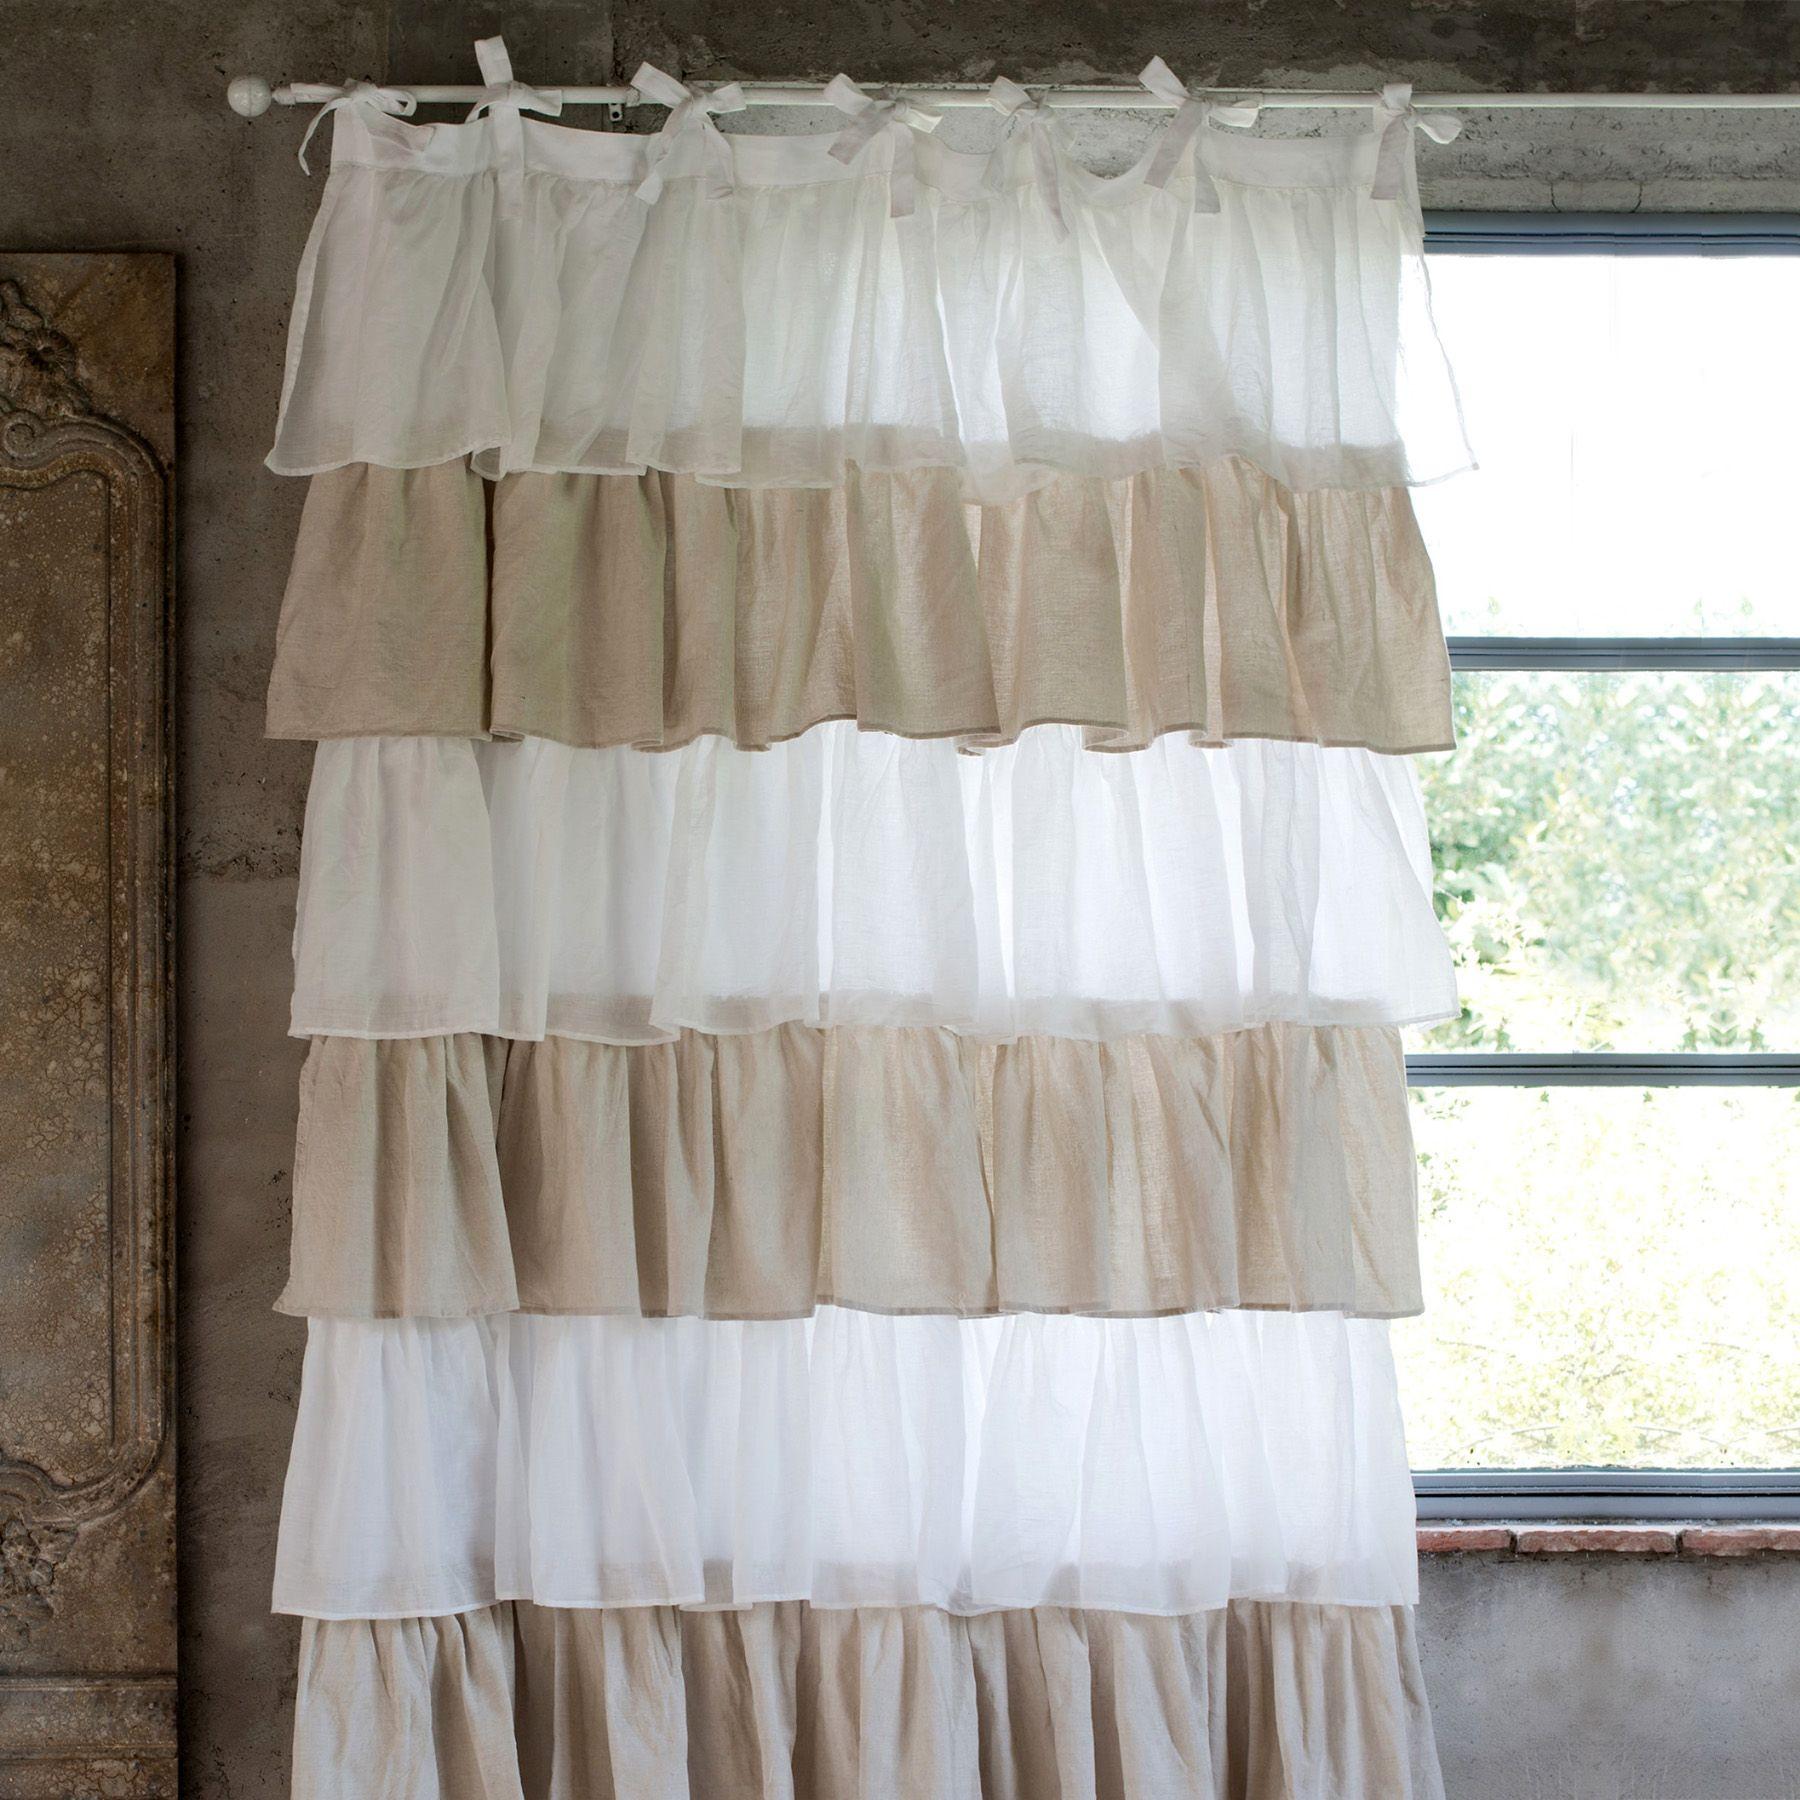 Tenda Shabby Chic Fru Fru Collection Blanc Mariclo  Cm